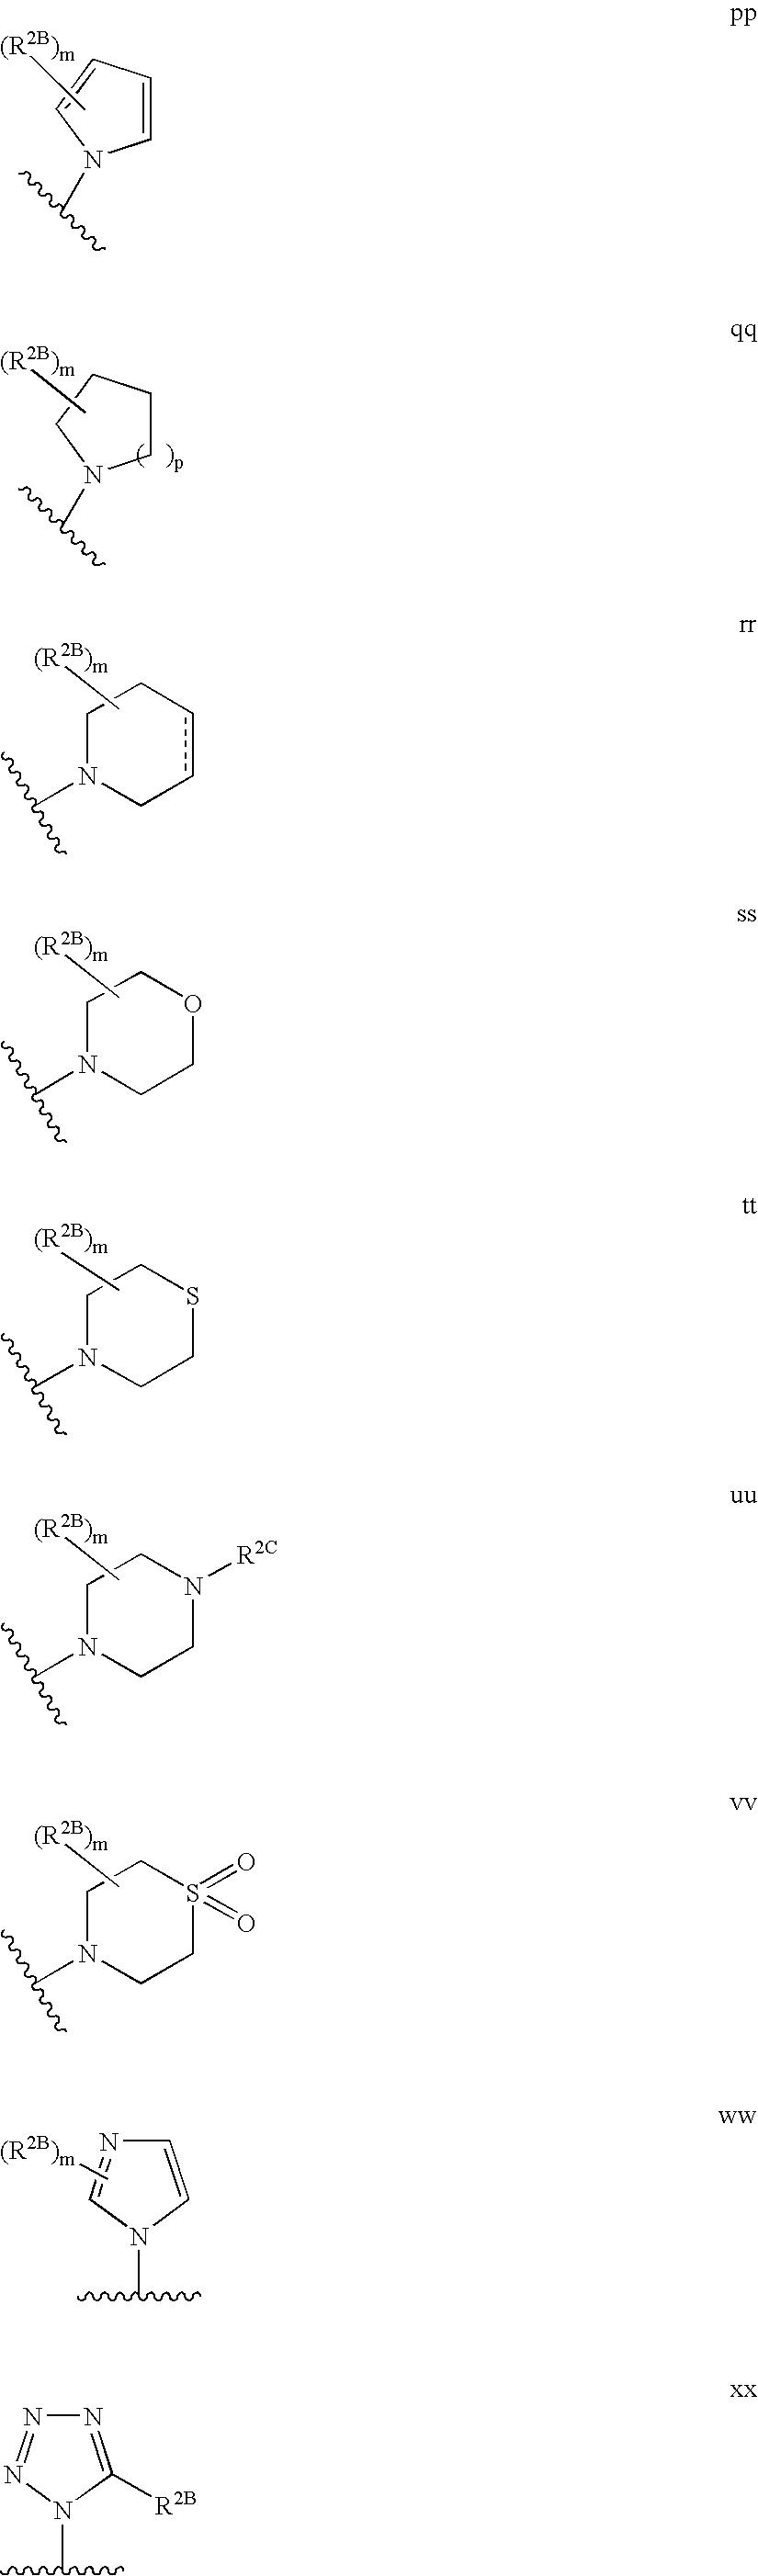 Figure US20040072849A1-20040415-C00034